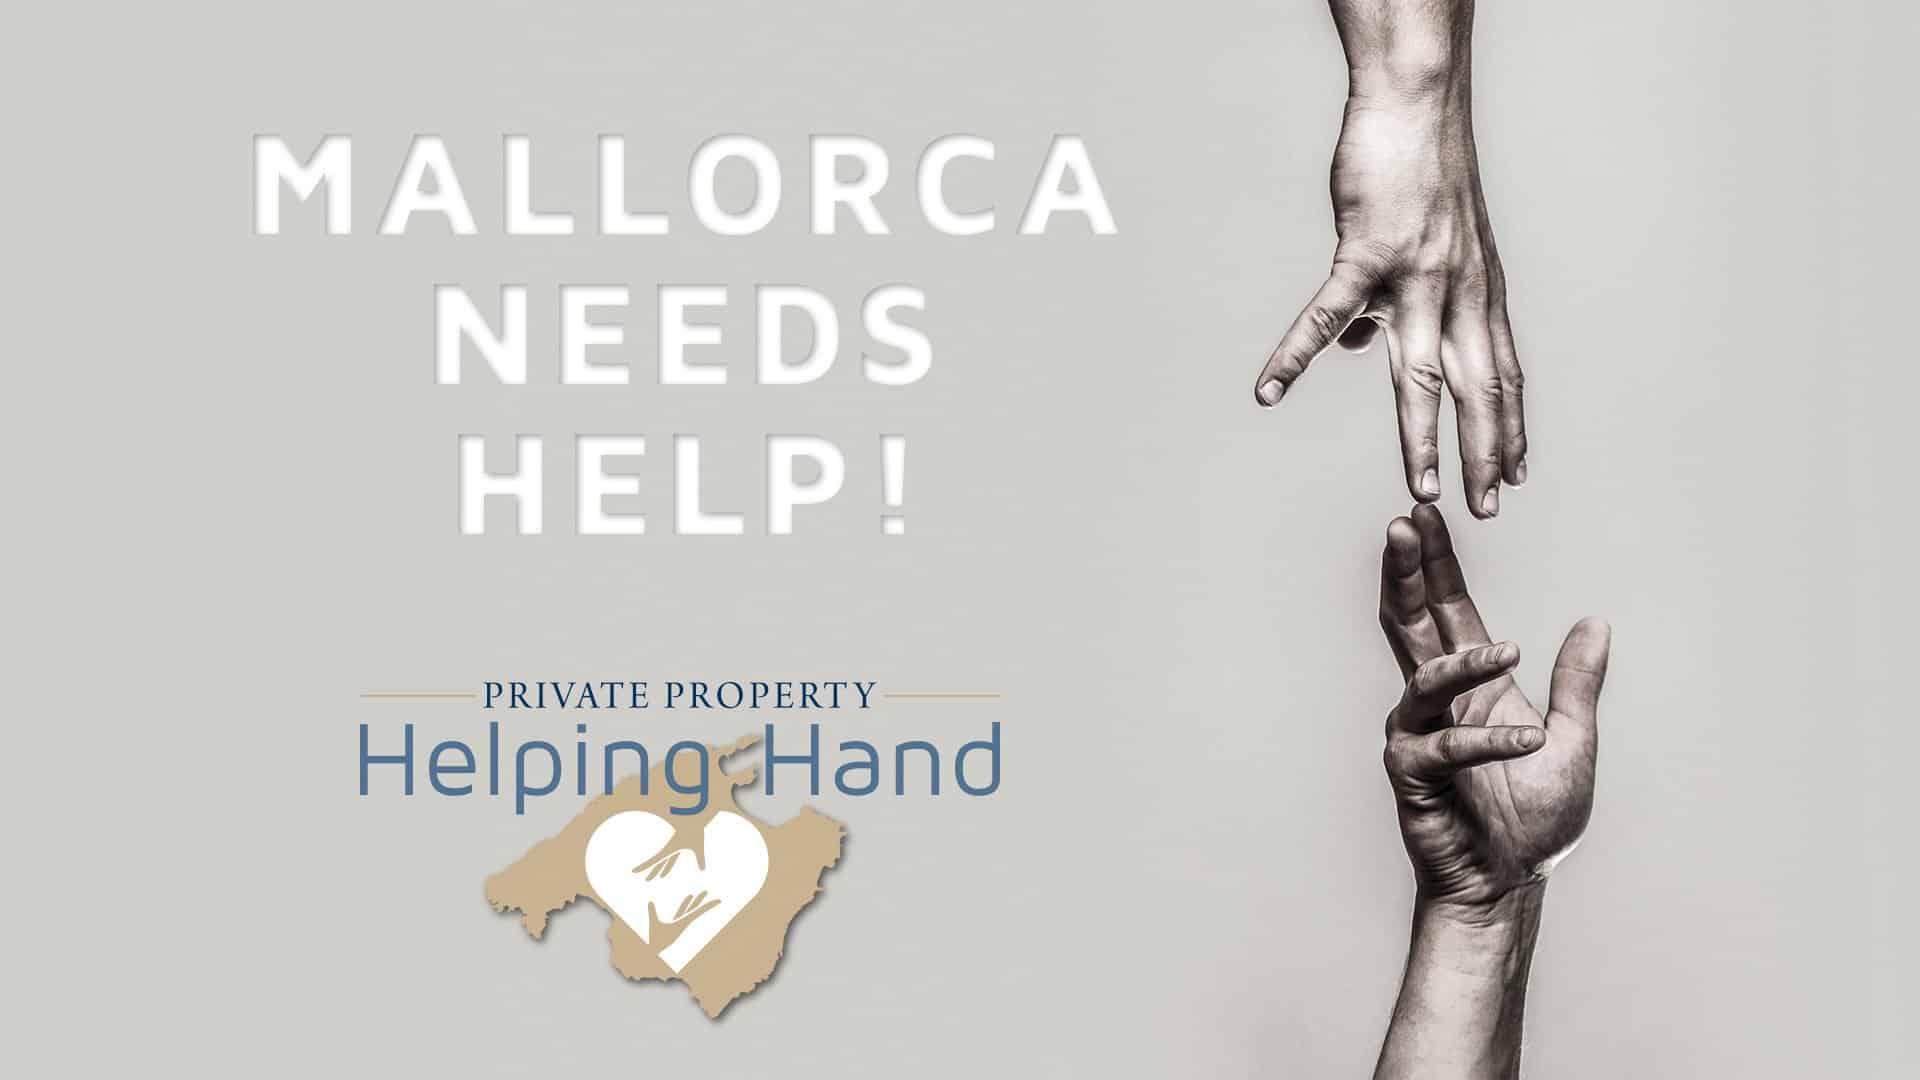 Mallorca needs help